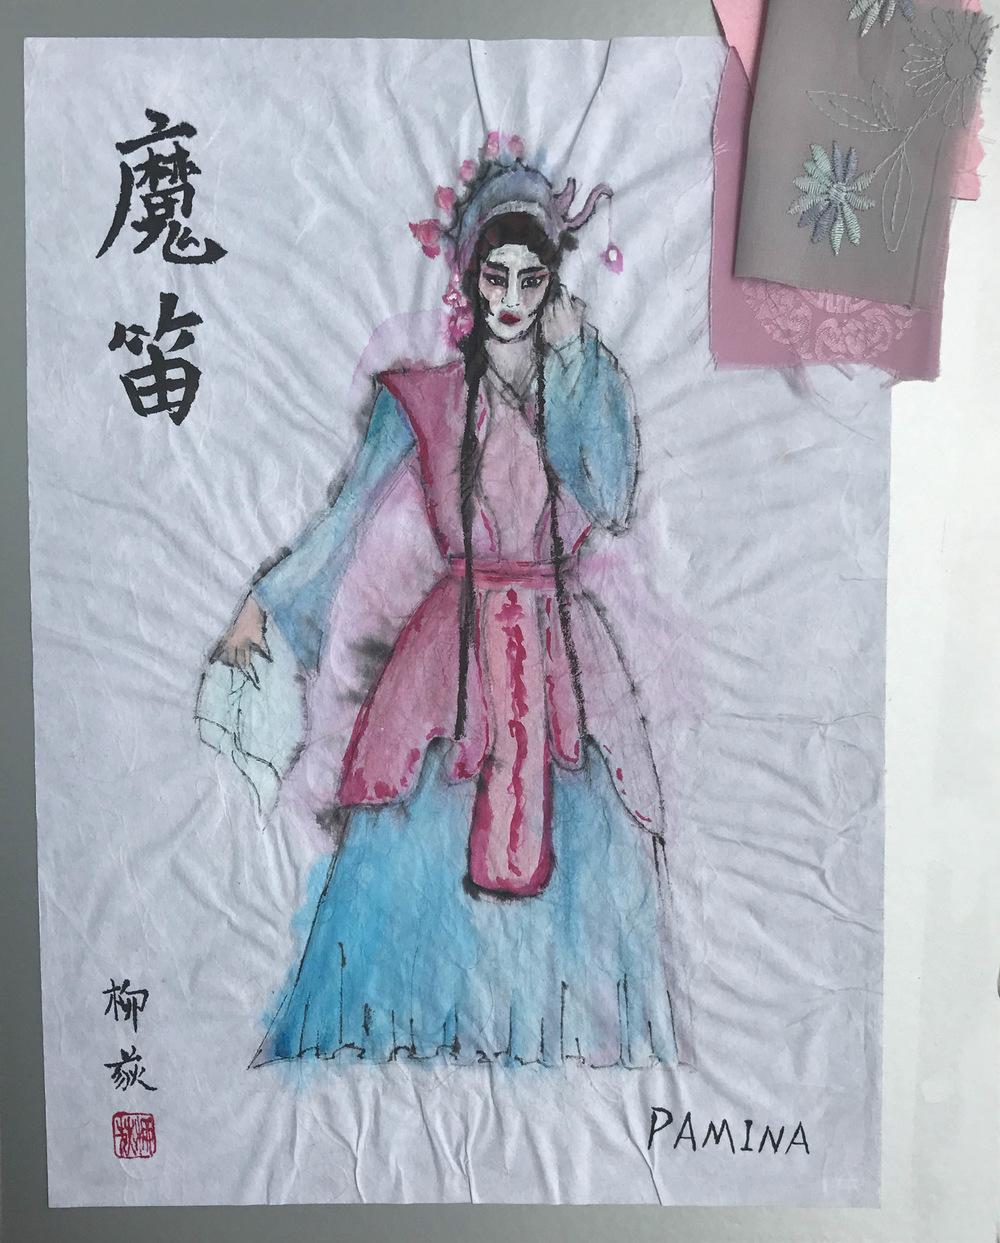 Ariel Wang - Pamina